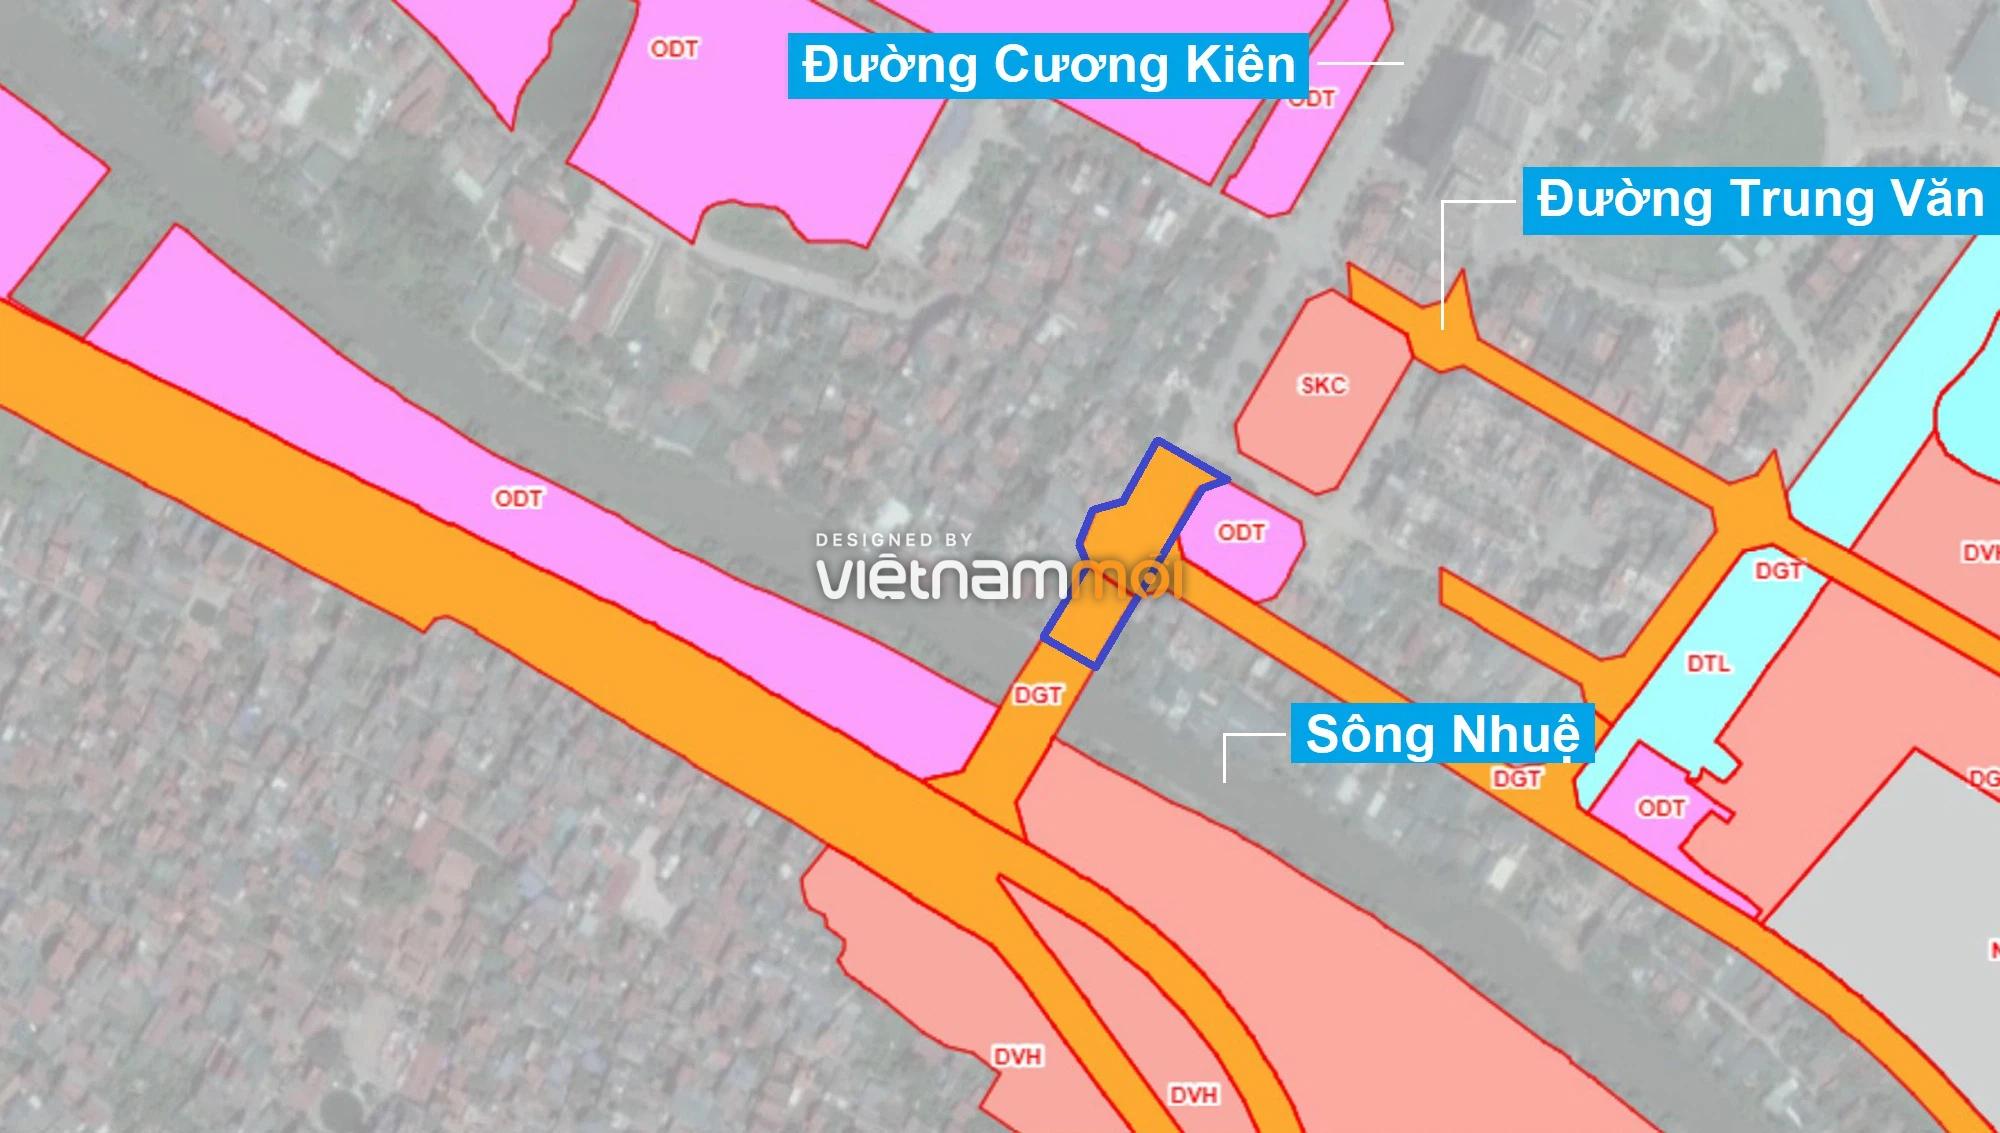 Những khu đất sắp thu hồi để mở đường ở phường Trung Văn, Nam Từ Liêm, Hà Nội (phần 1) - Ảnh 1.